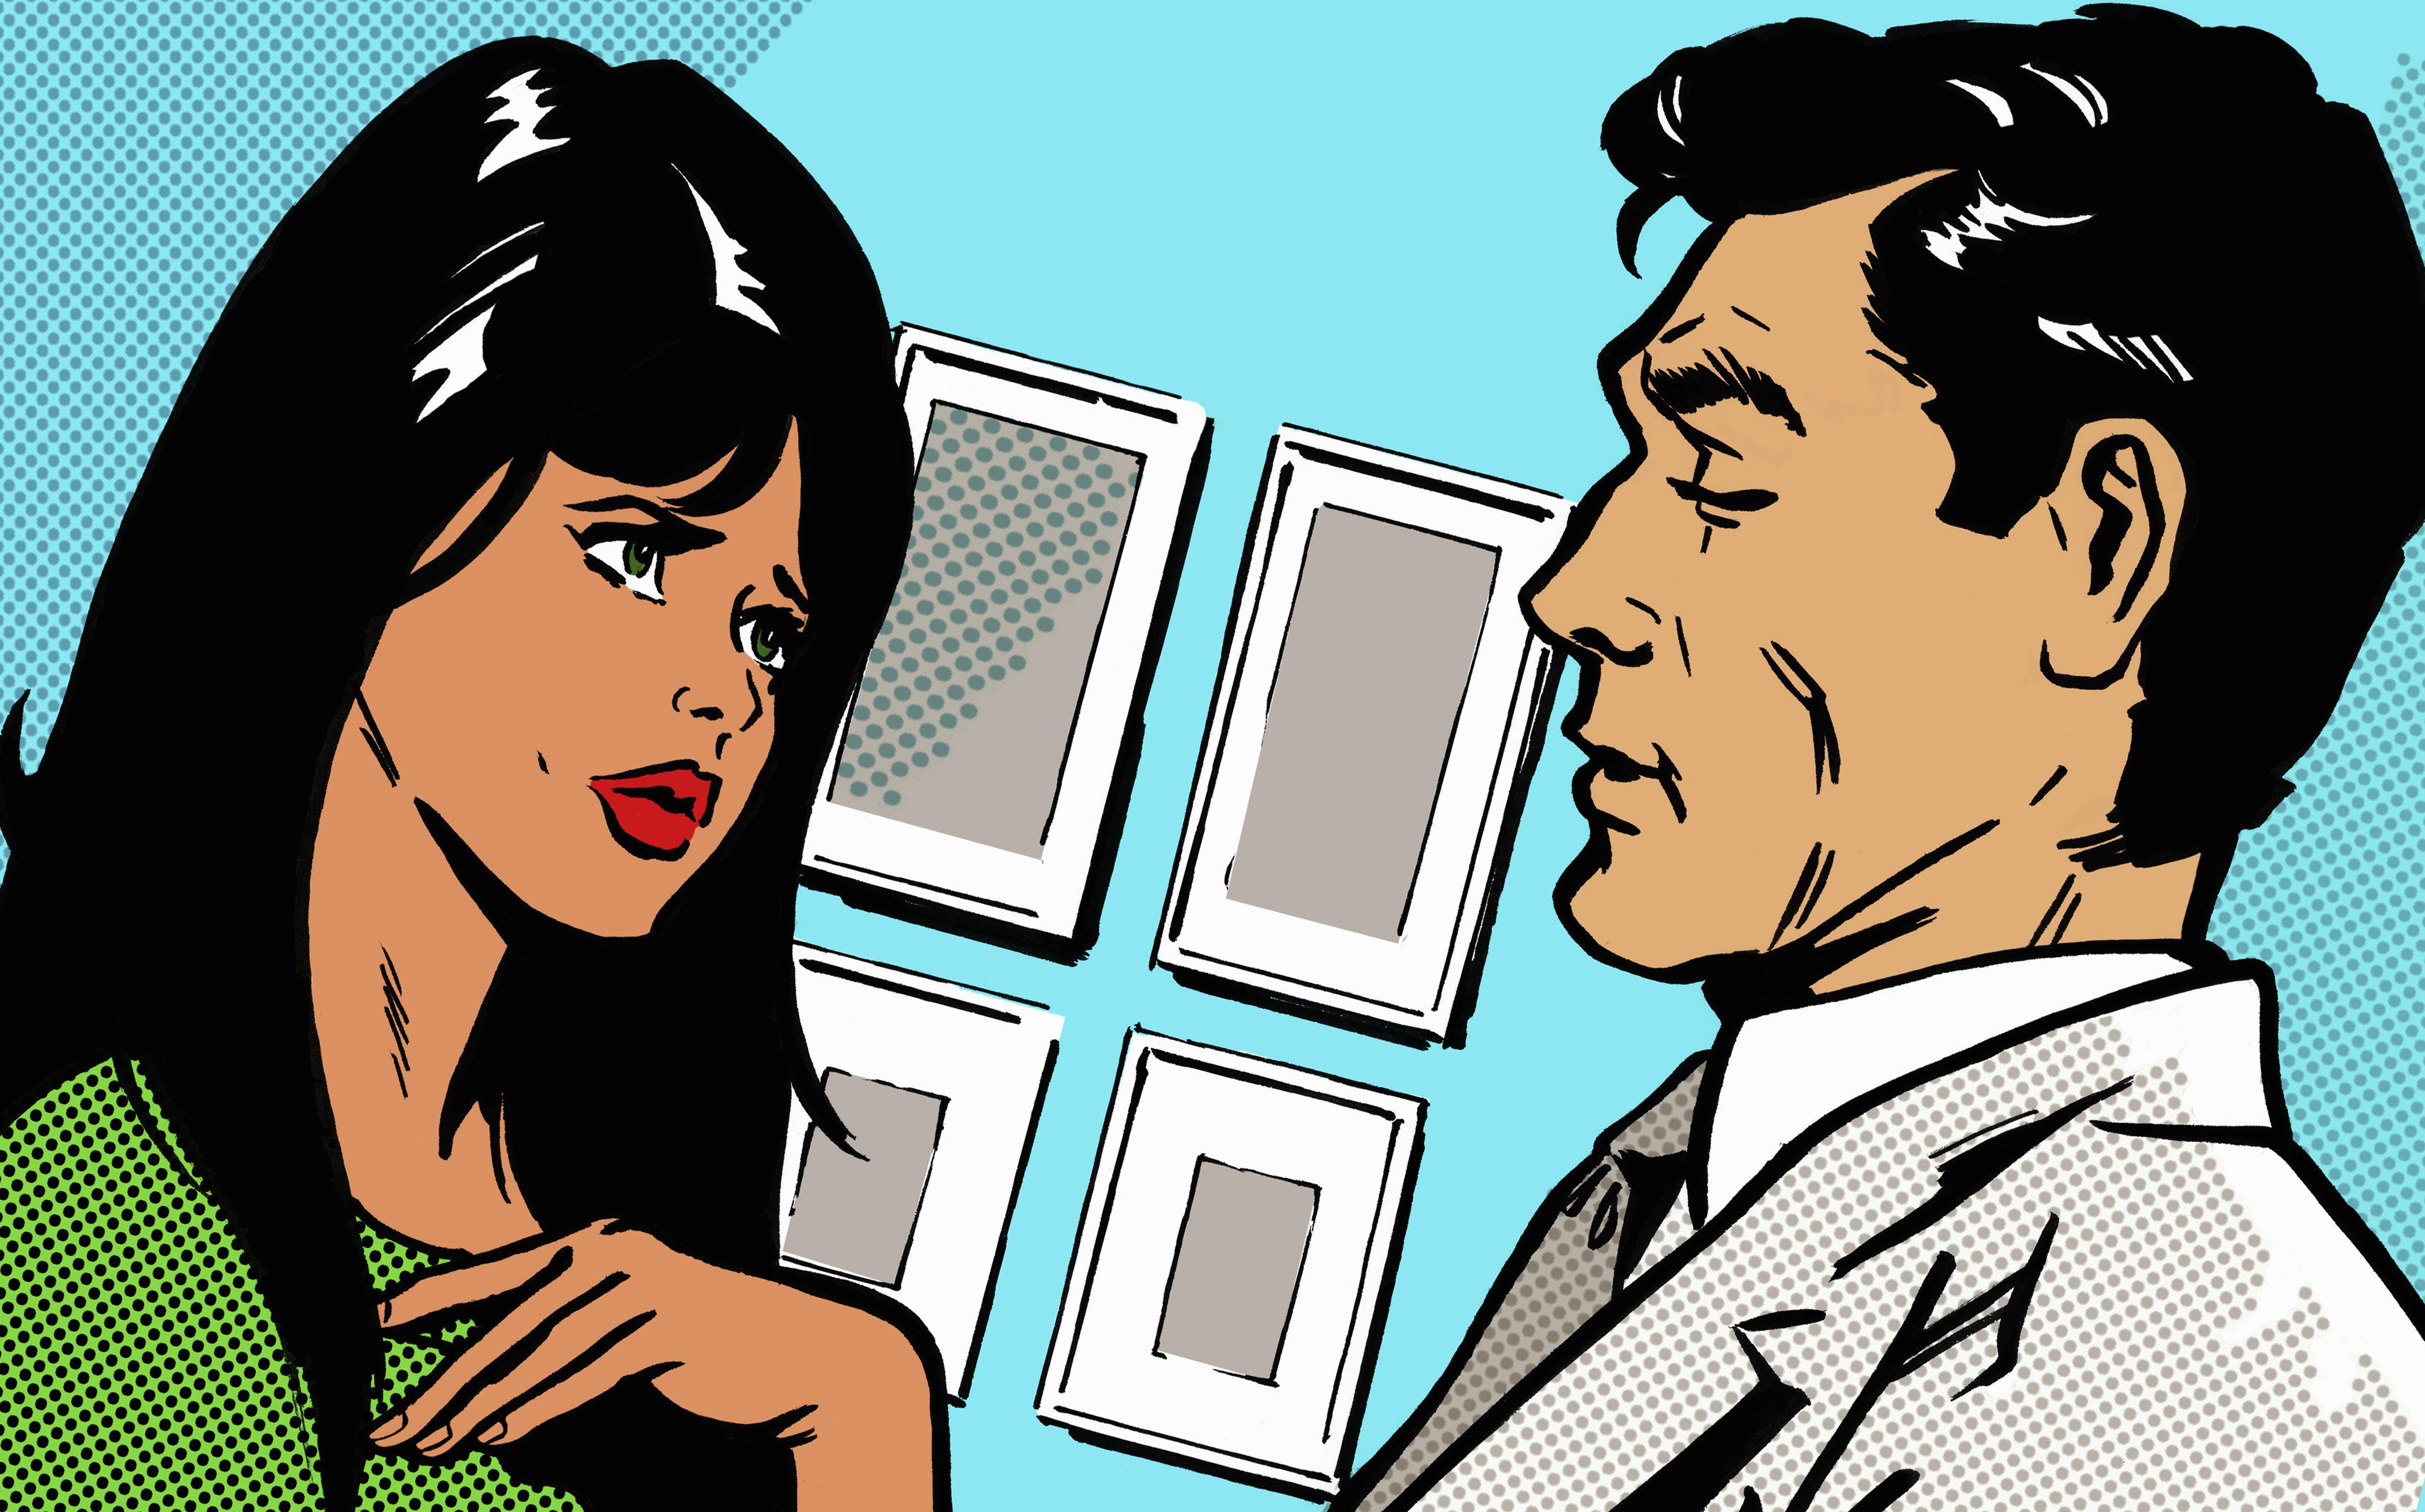 6 mujeres cuentan su experiencia al salir con hombres mucho mayores que